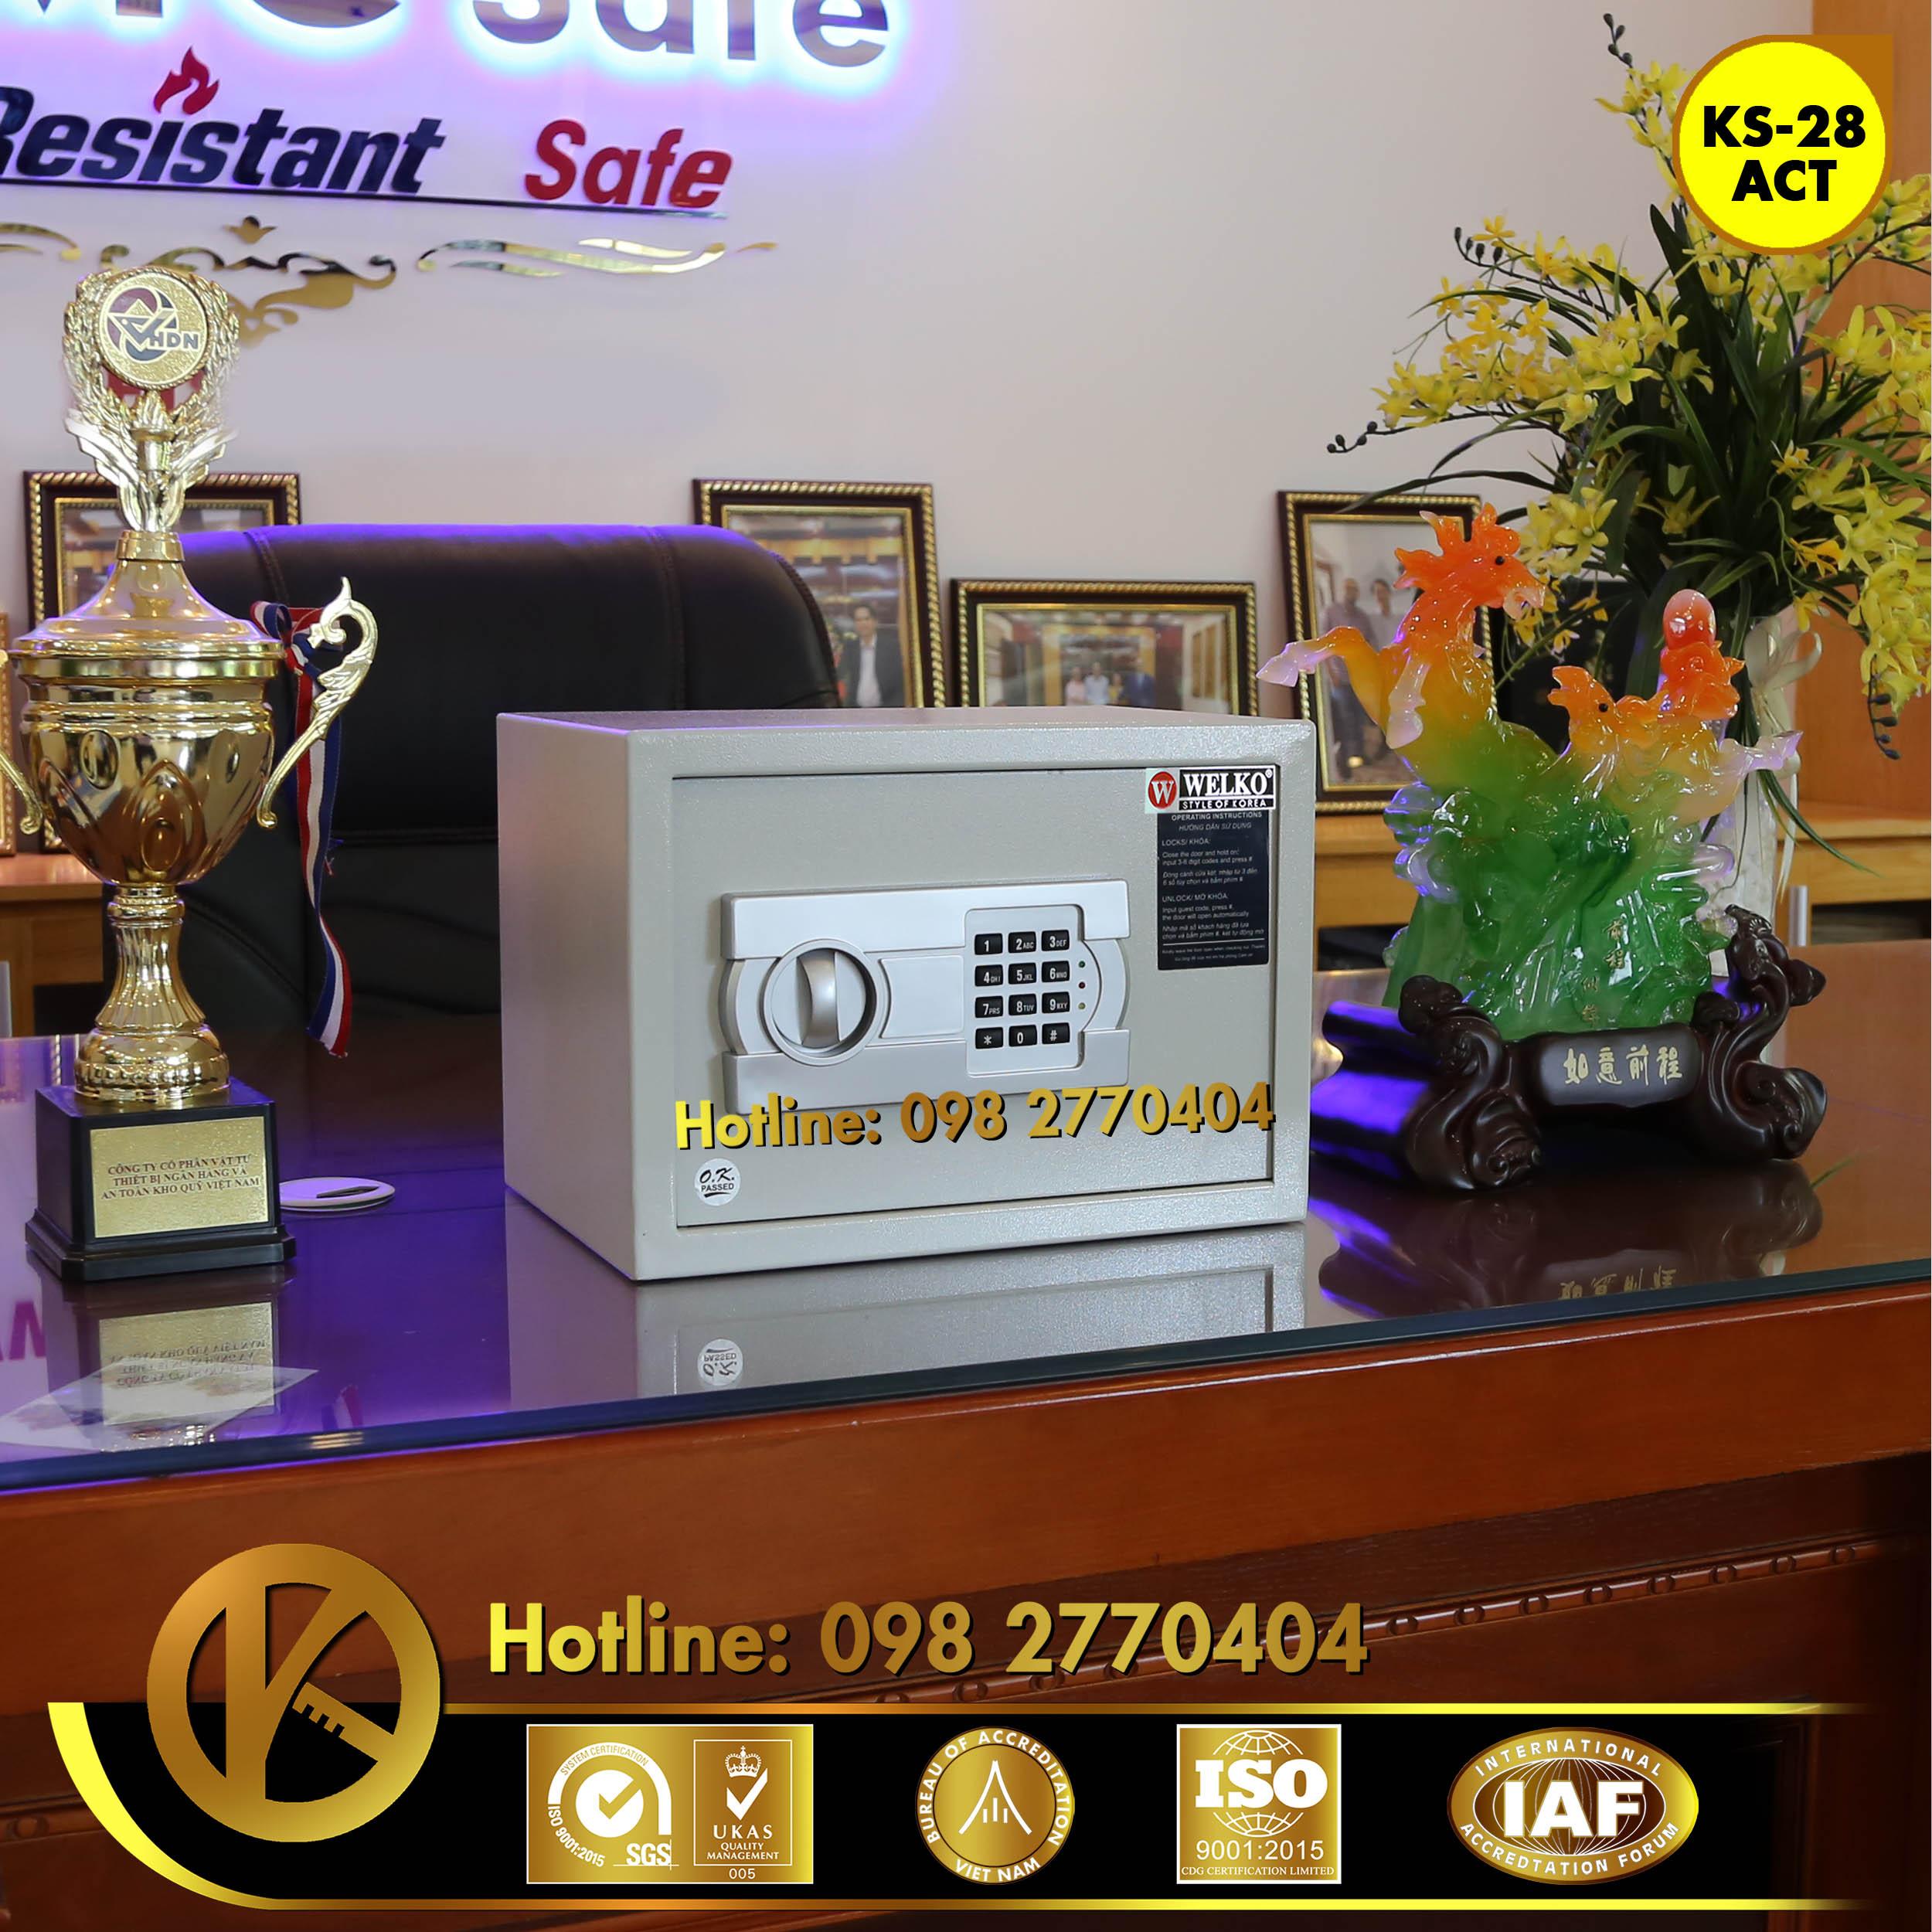 cửa hàng bán ket sat khach san Hotel safe Ghenh Da Dia Phu Yen